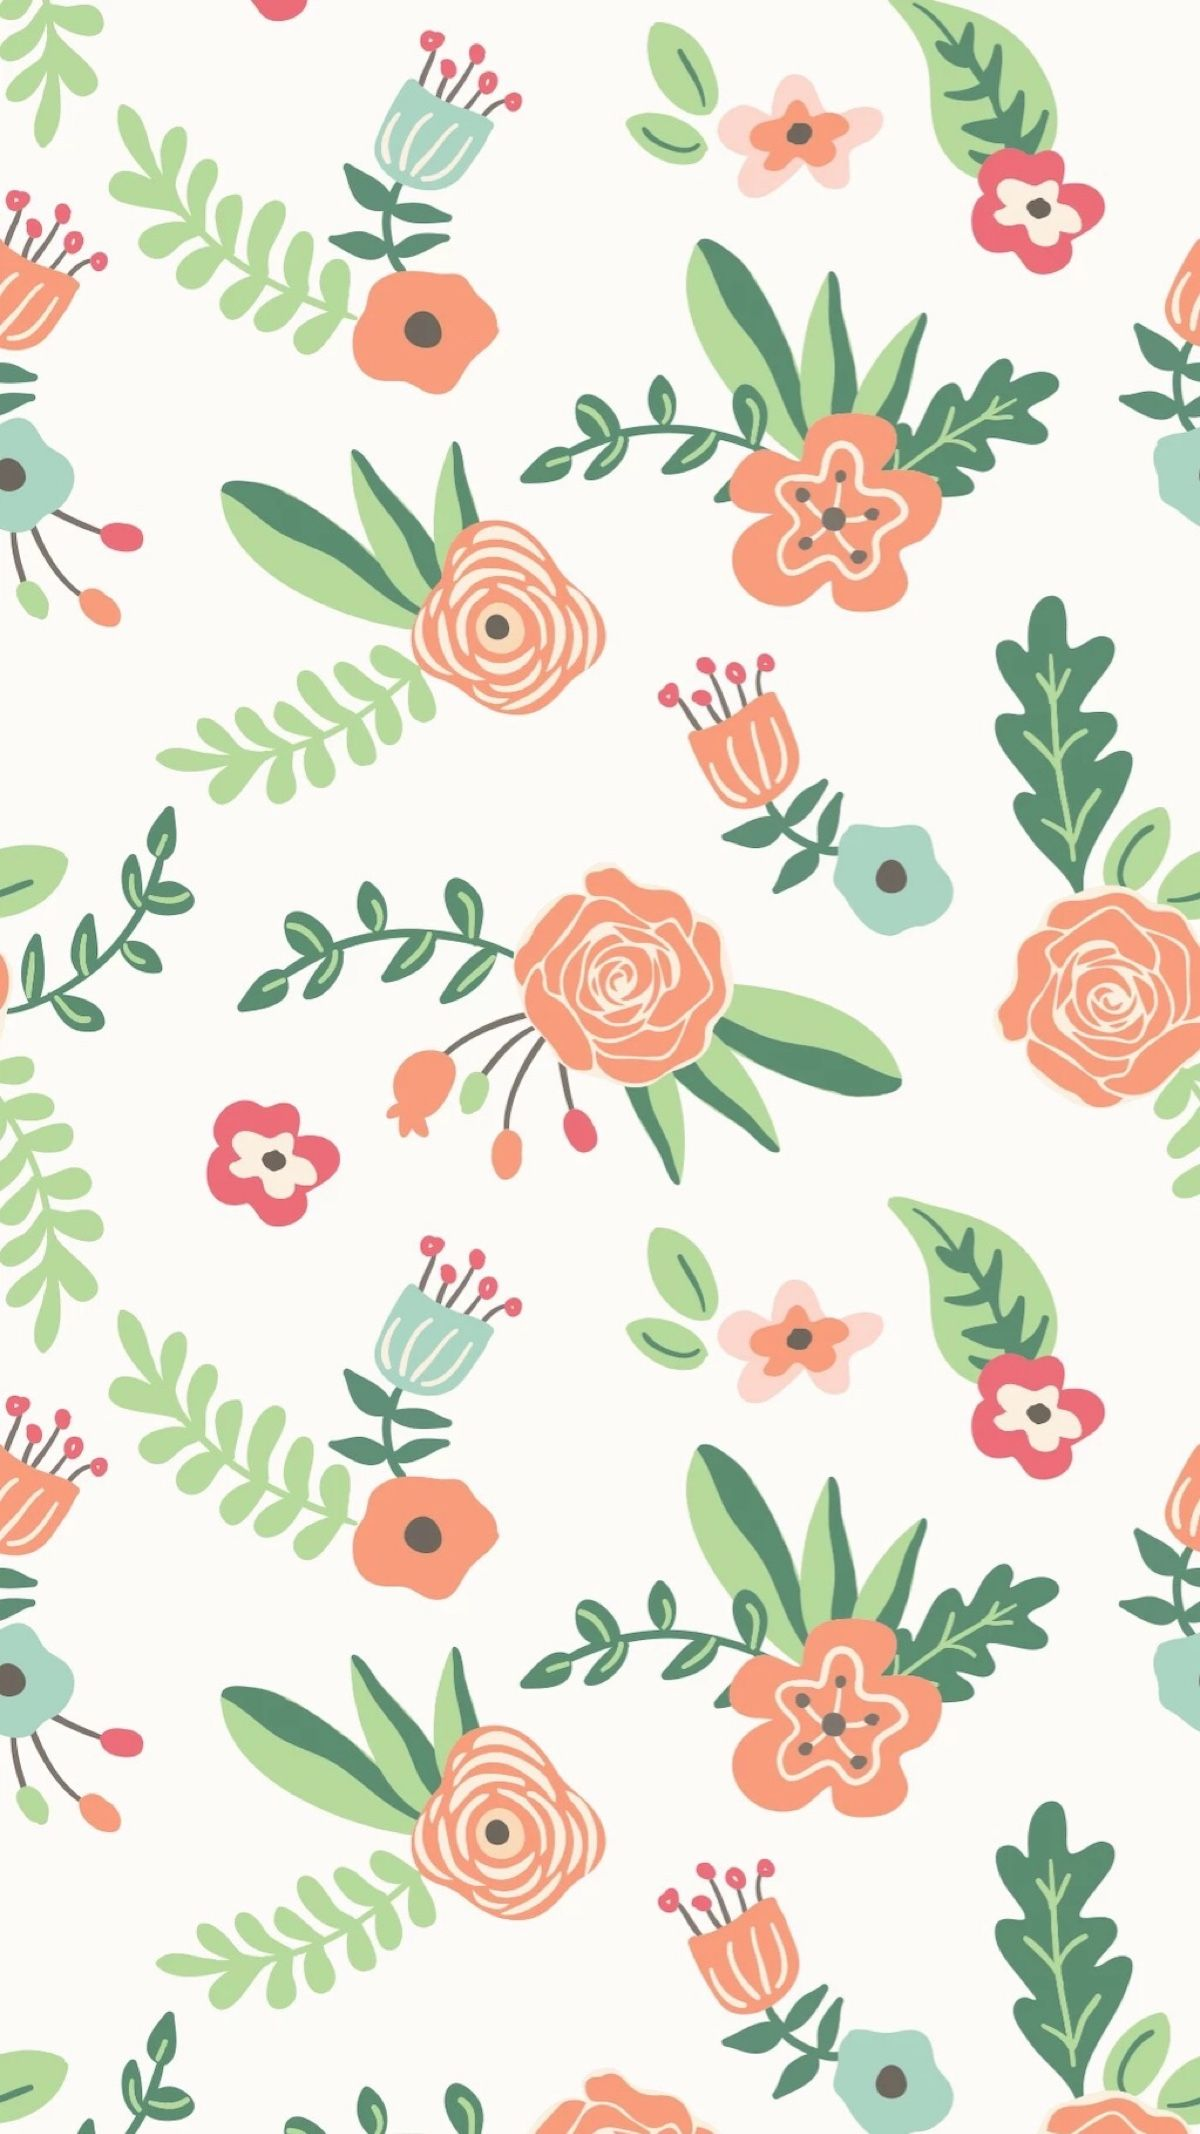 Pin by Kim Thị Trà My on Background/Wallpaper/Lockscreen